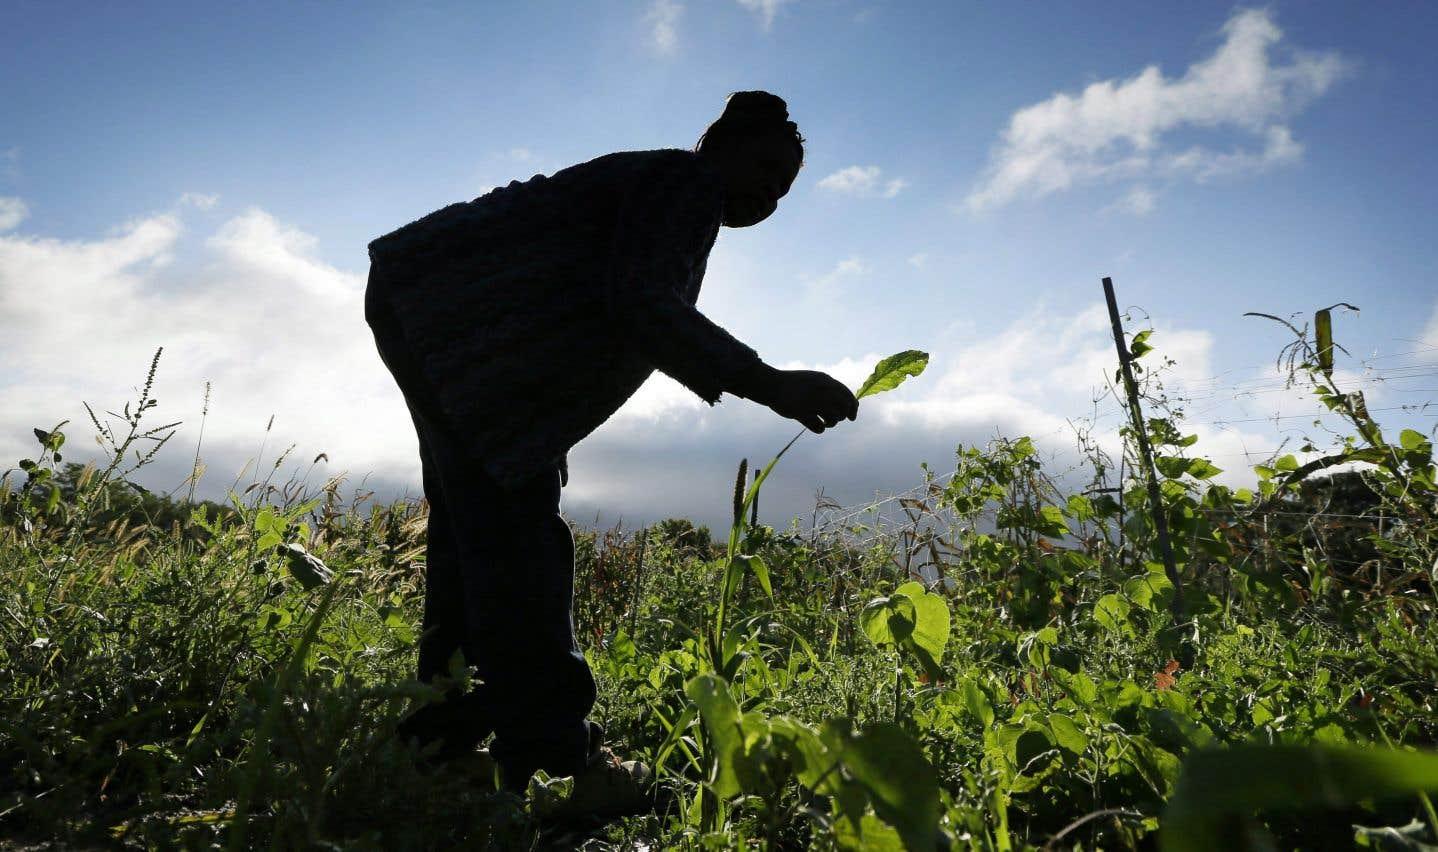 «En agriculture, comme en toute chose, tout choix est compromis», note l'auteur.